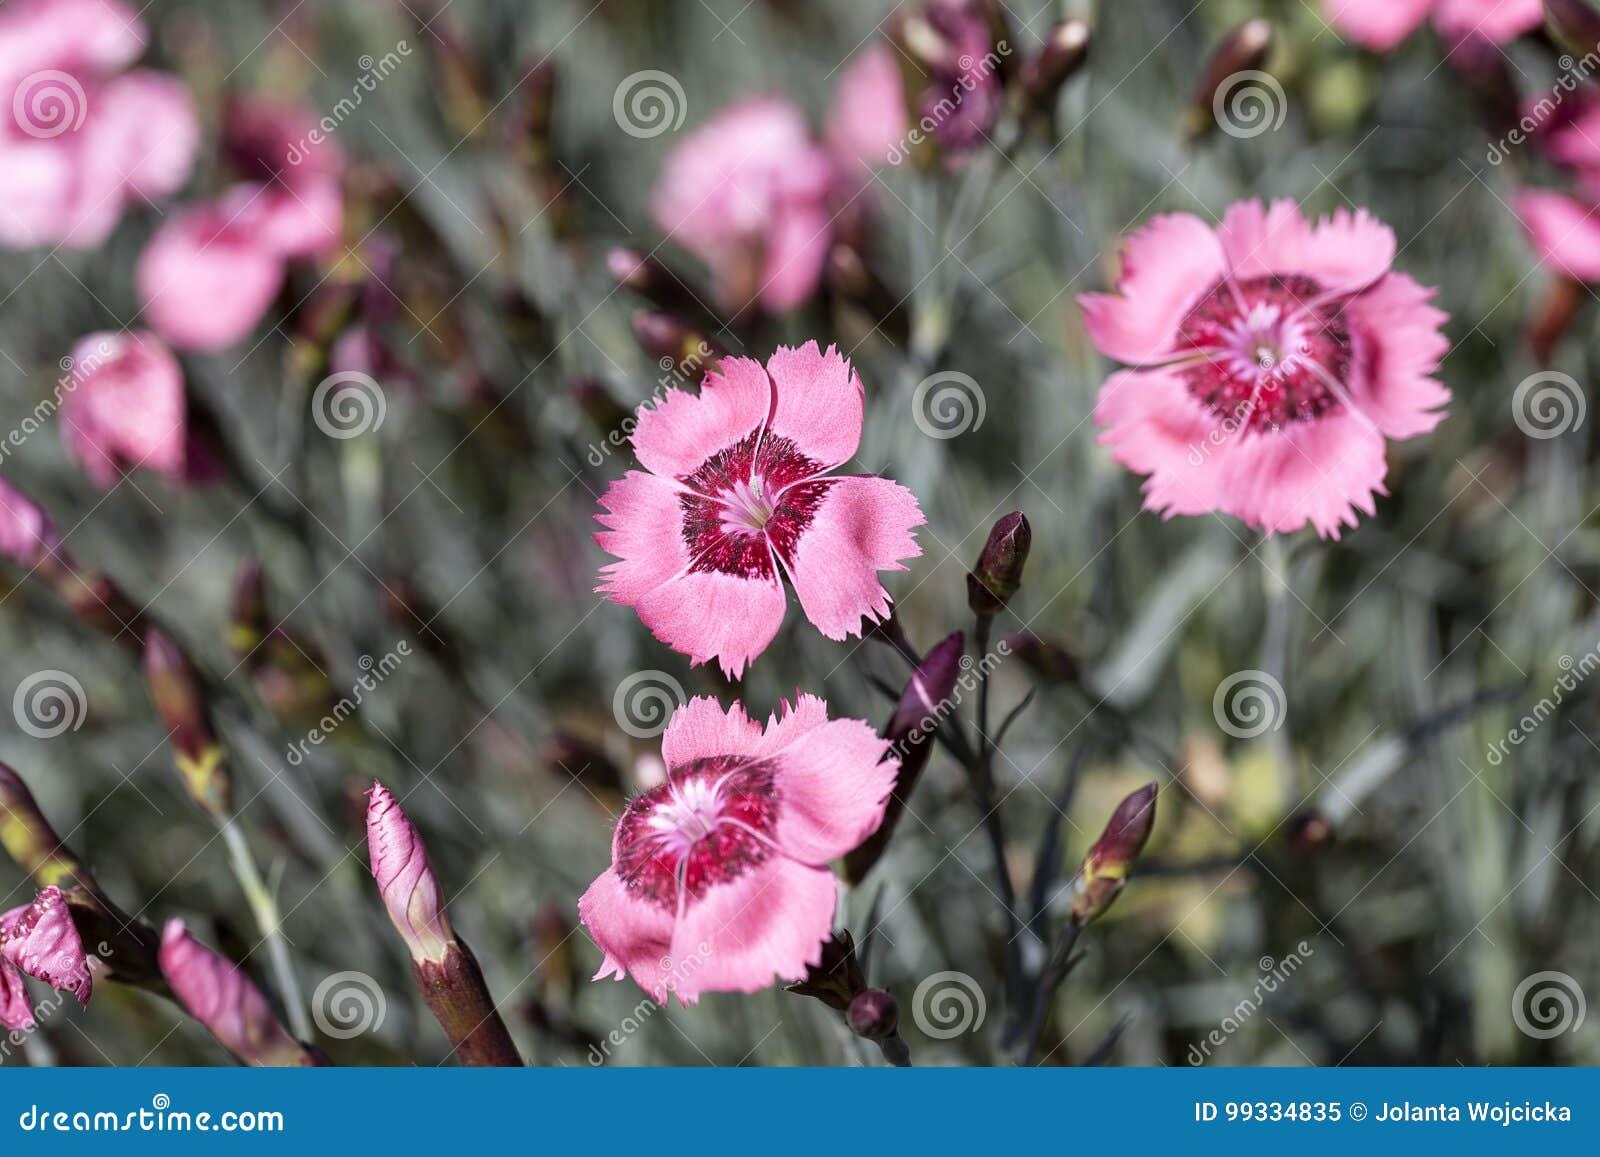 garten blumen lila, dianthus caryophyllus gartennelke, lila blumen, die im garten blühen, Design ideen